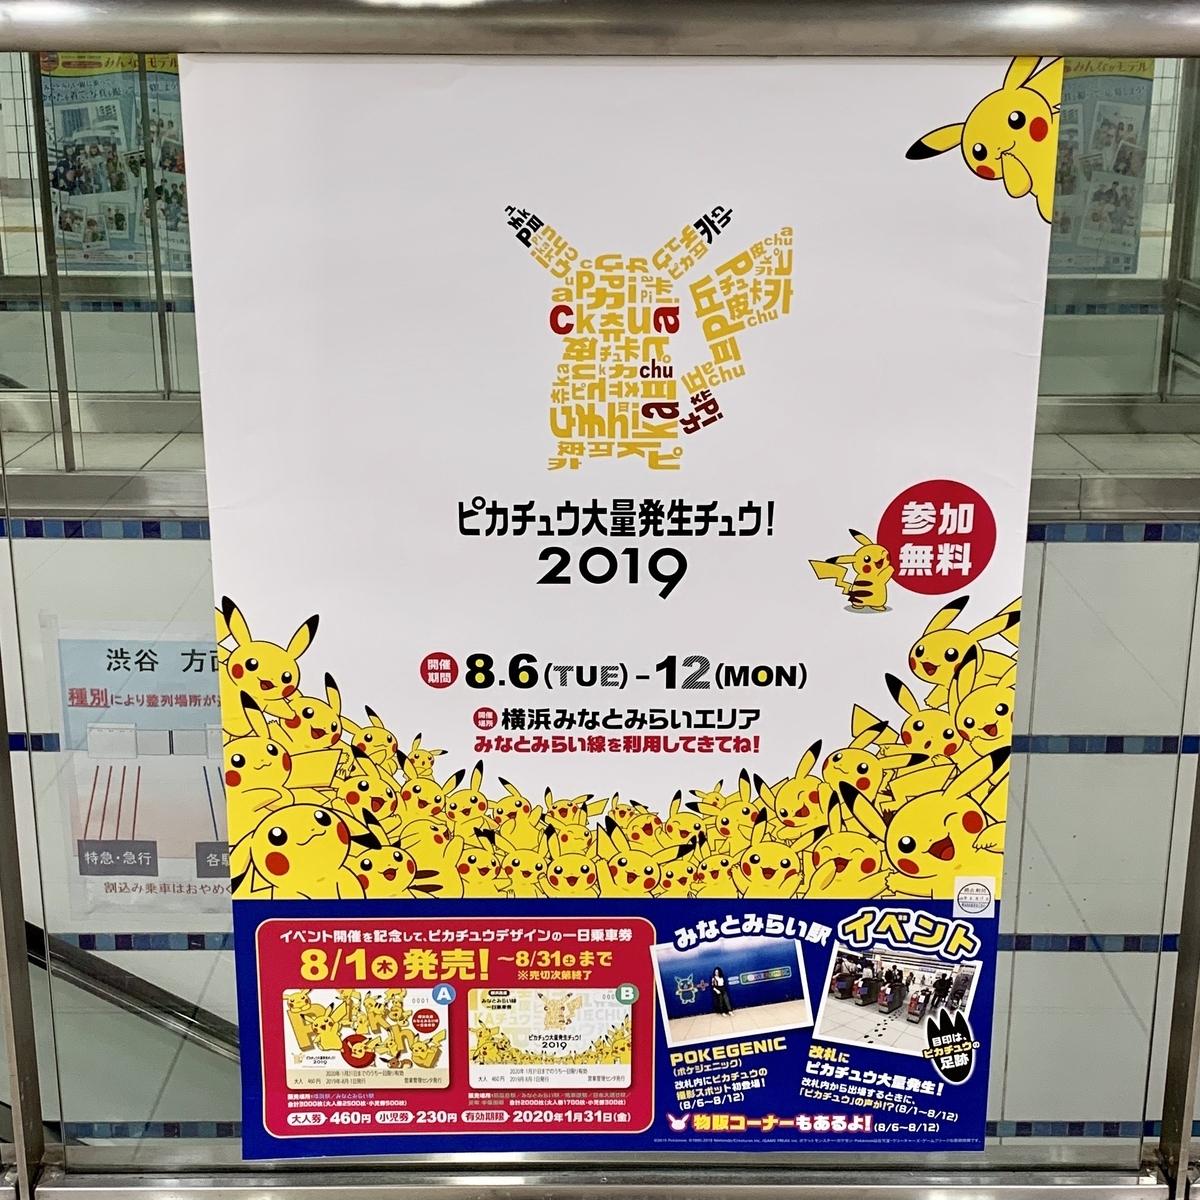 f:id:pikachu_pcn:20190801230529j:plain